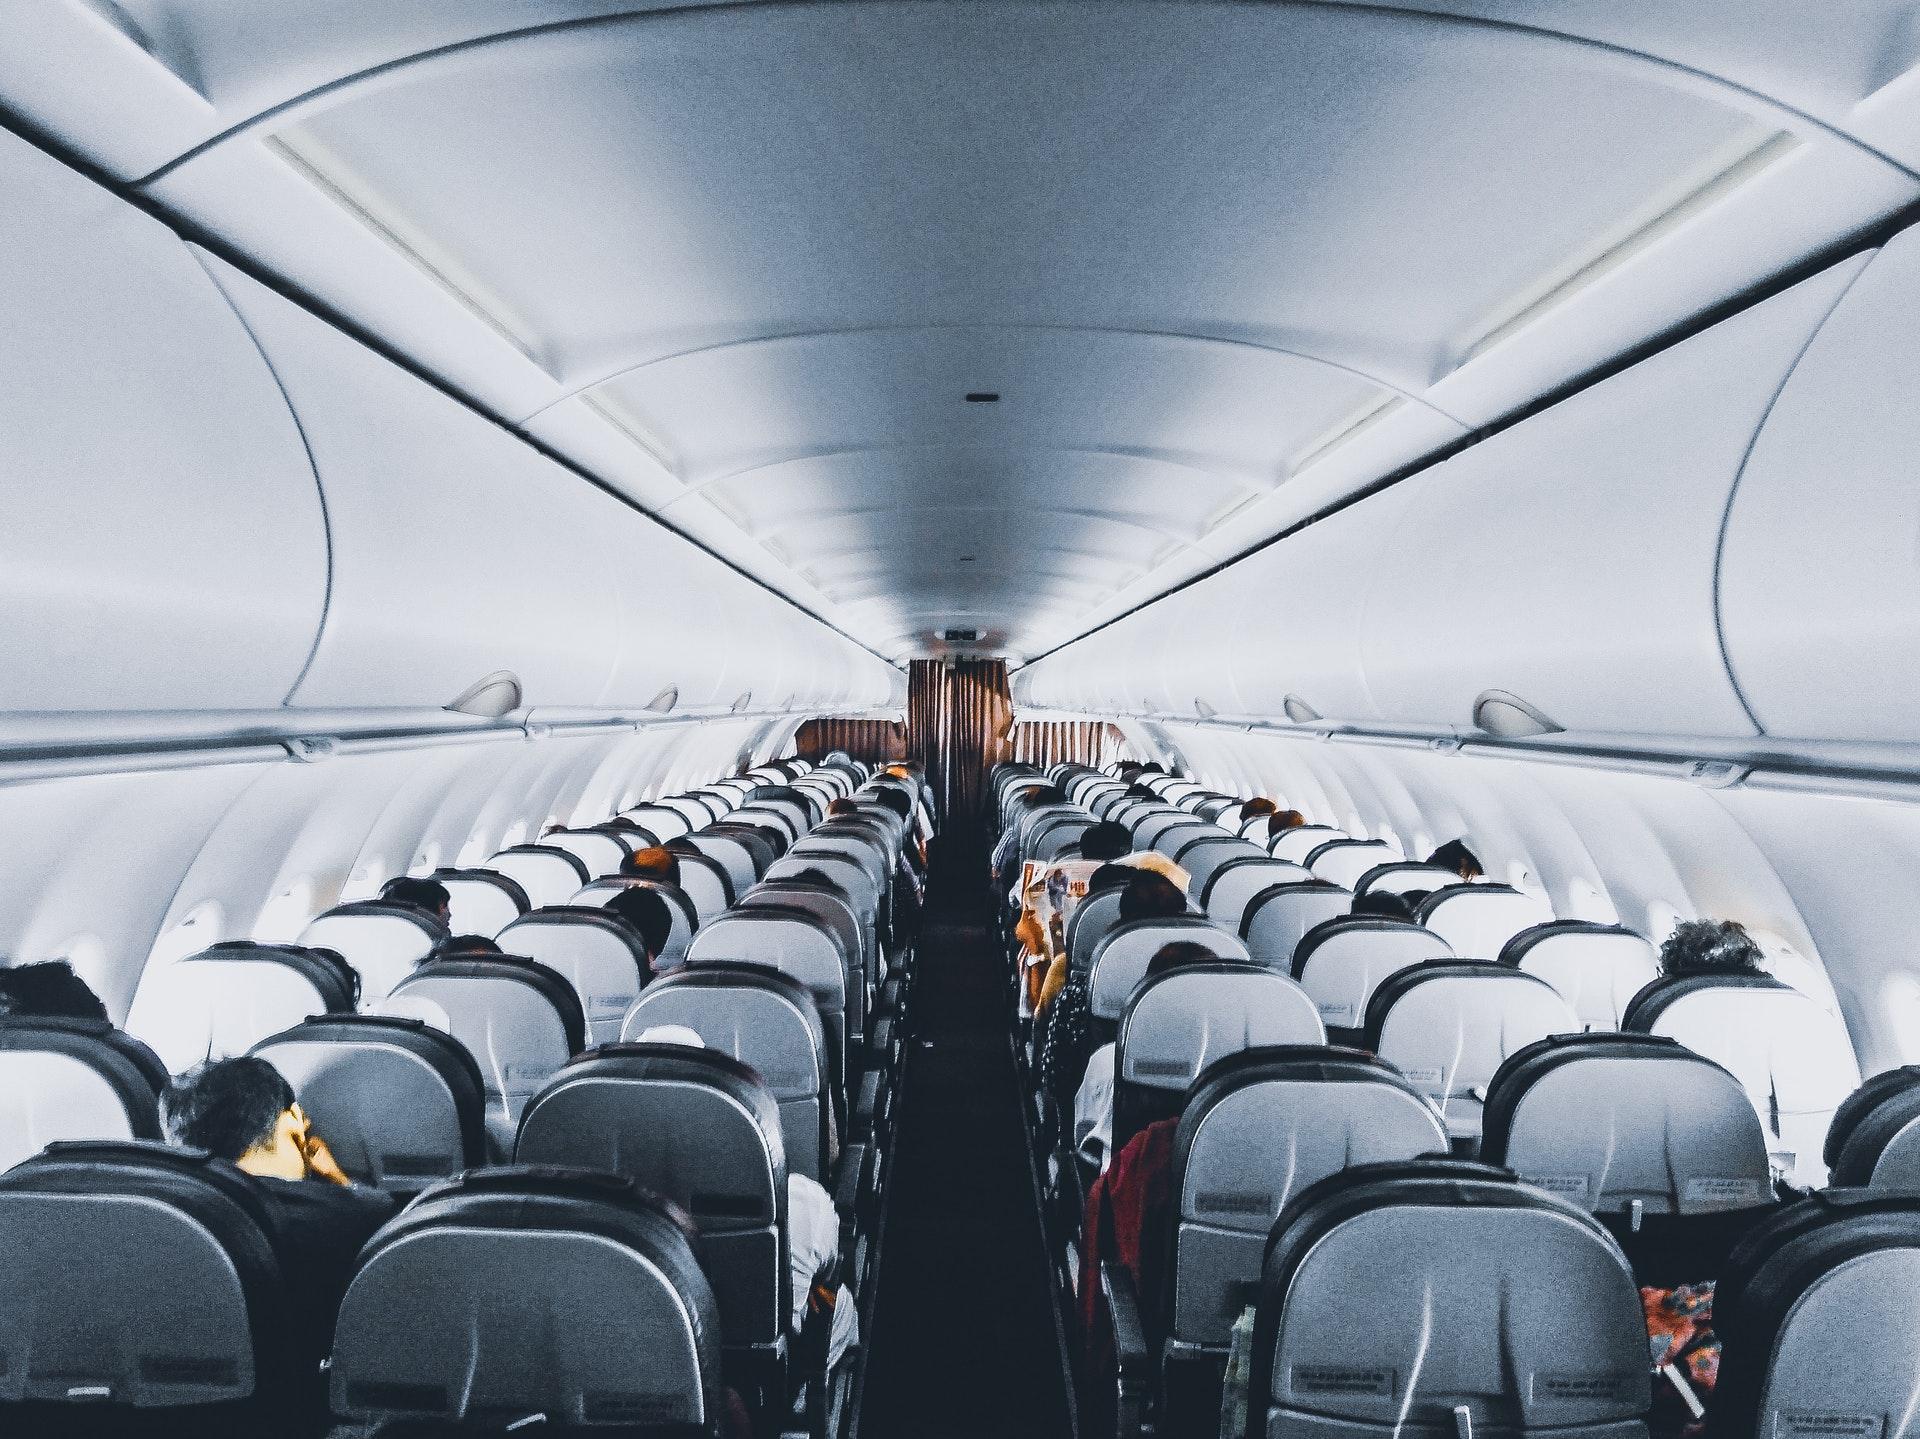 Vemos o corredor de um avião e várias poltronas vazias (imagem ilustrativa). Texto: tipos de franquia baratas.